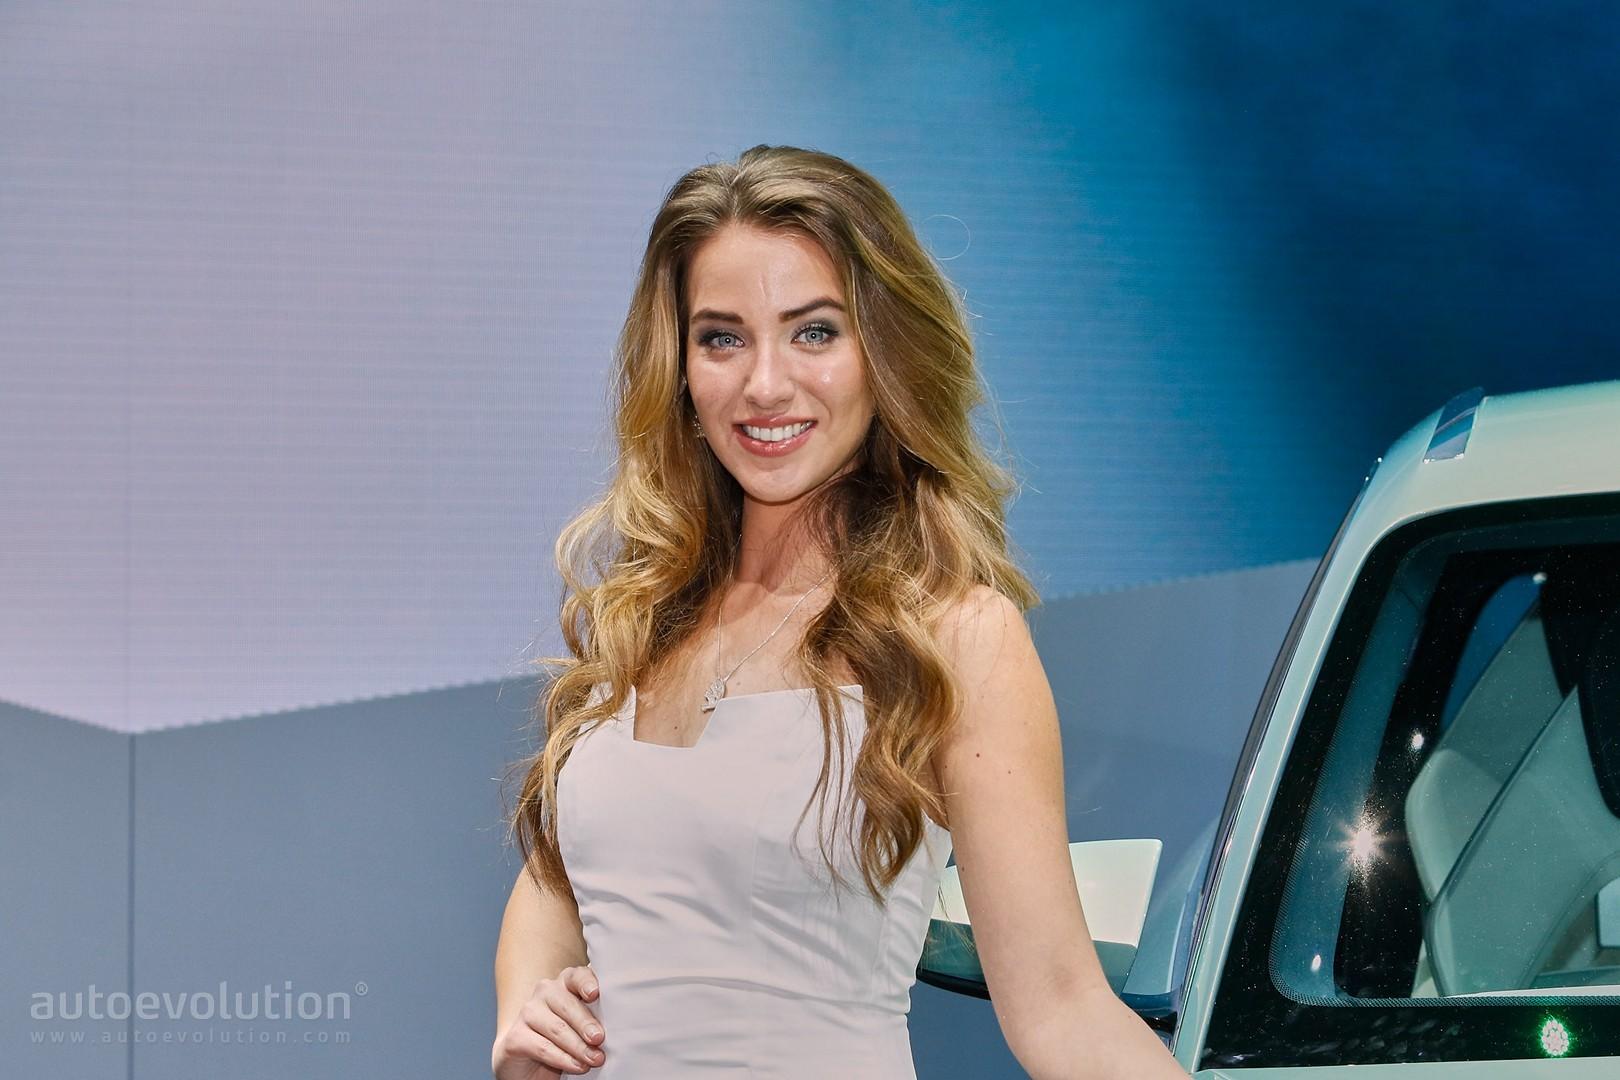 Alfa romeo european models 16